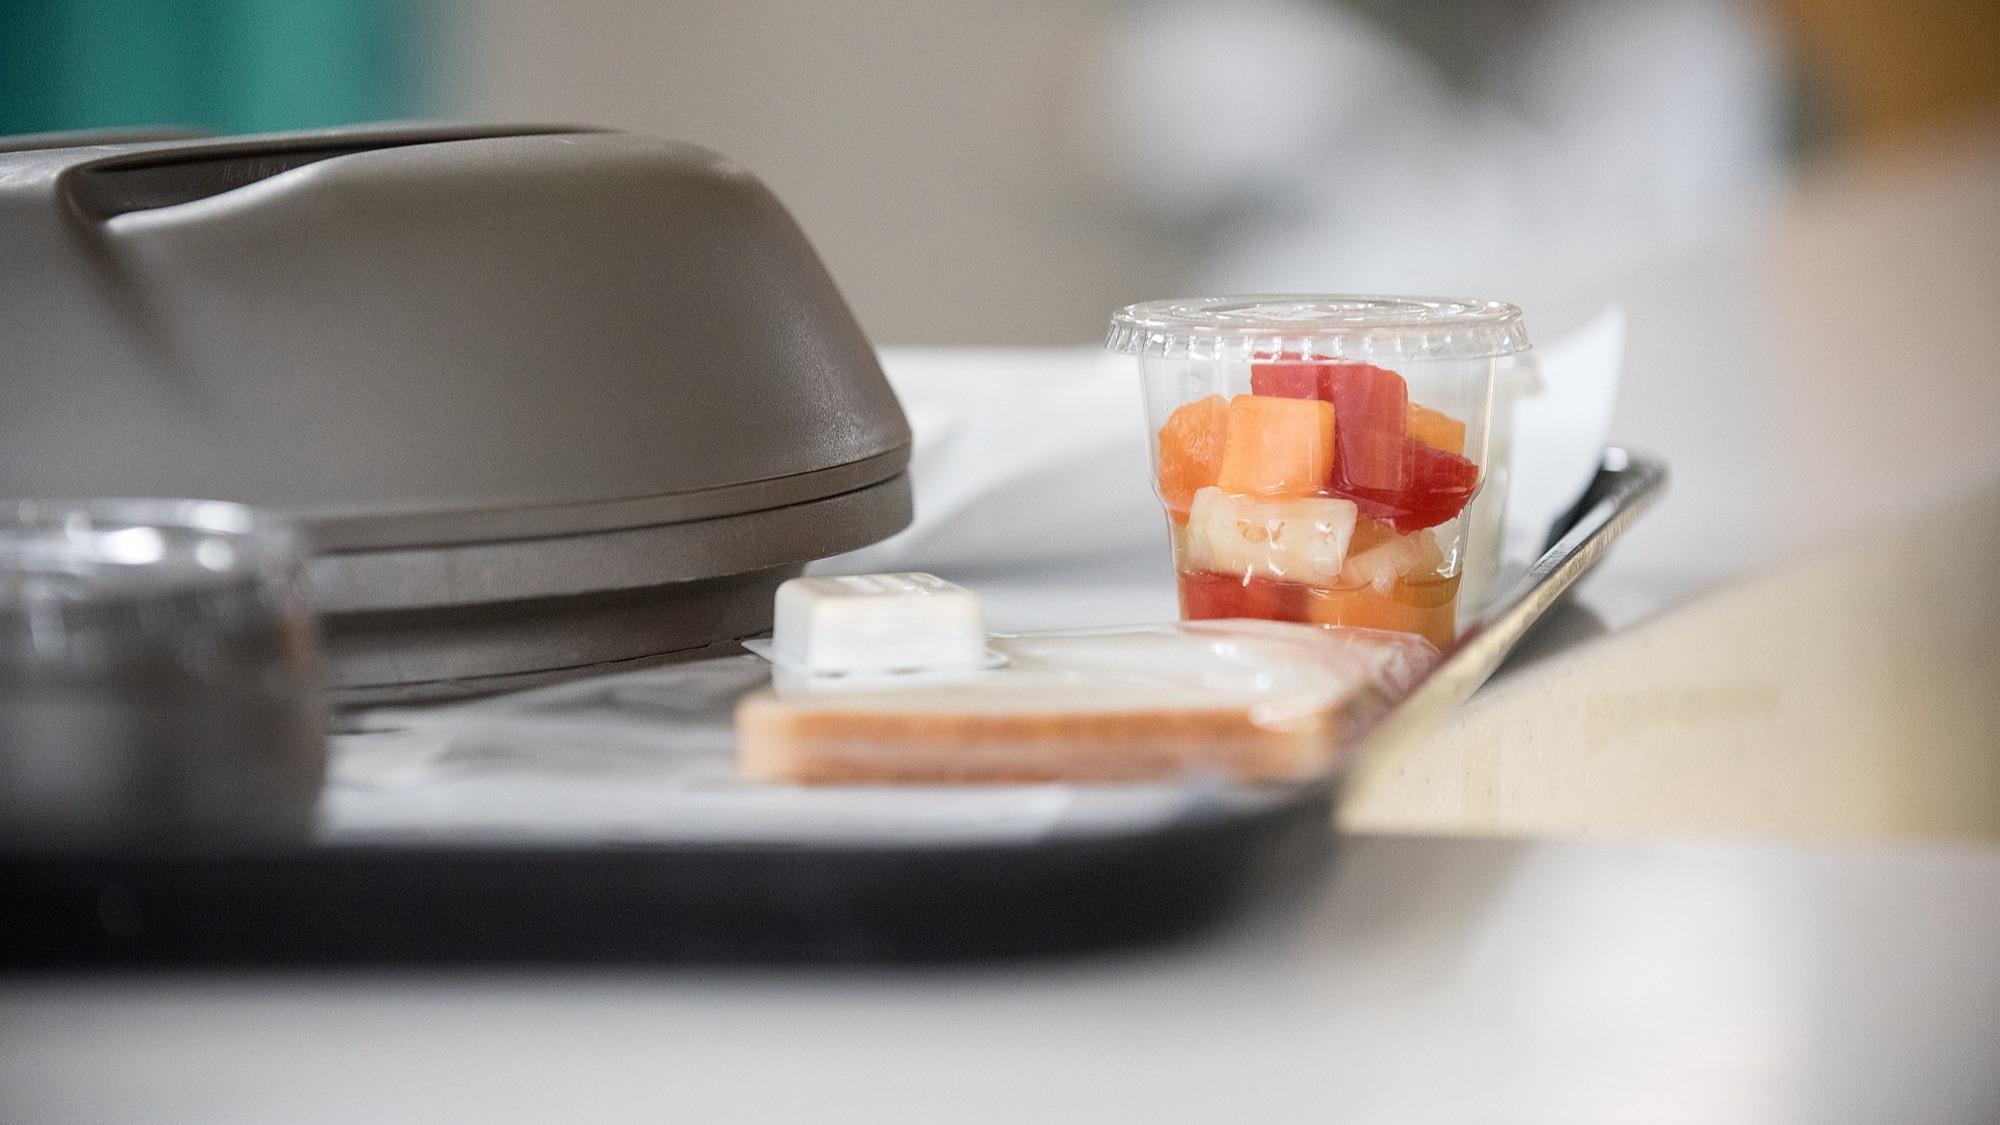 Représentation de la formation : ALR09 - Substituer les contenants alimentaires en plastique en restauration collective